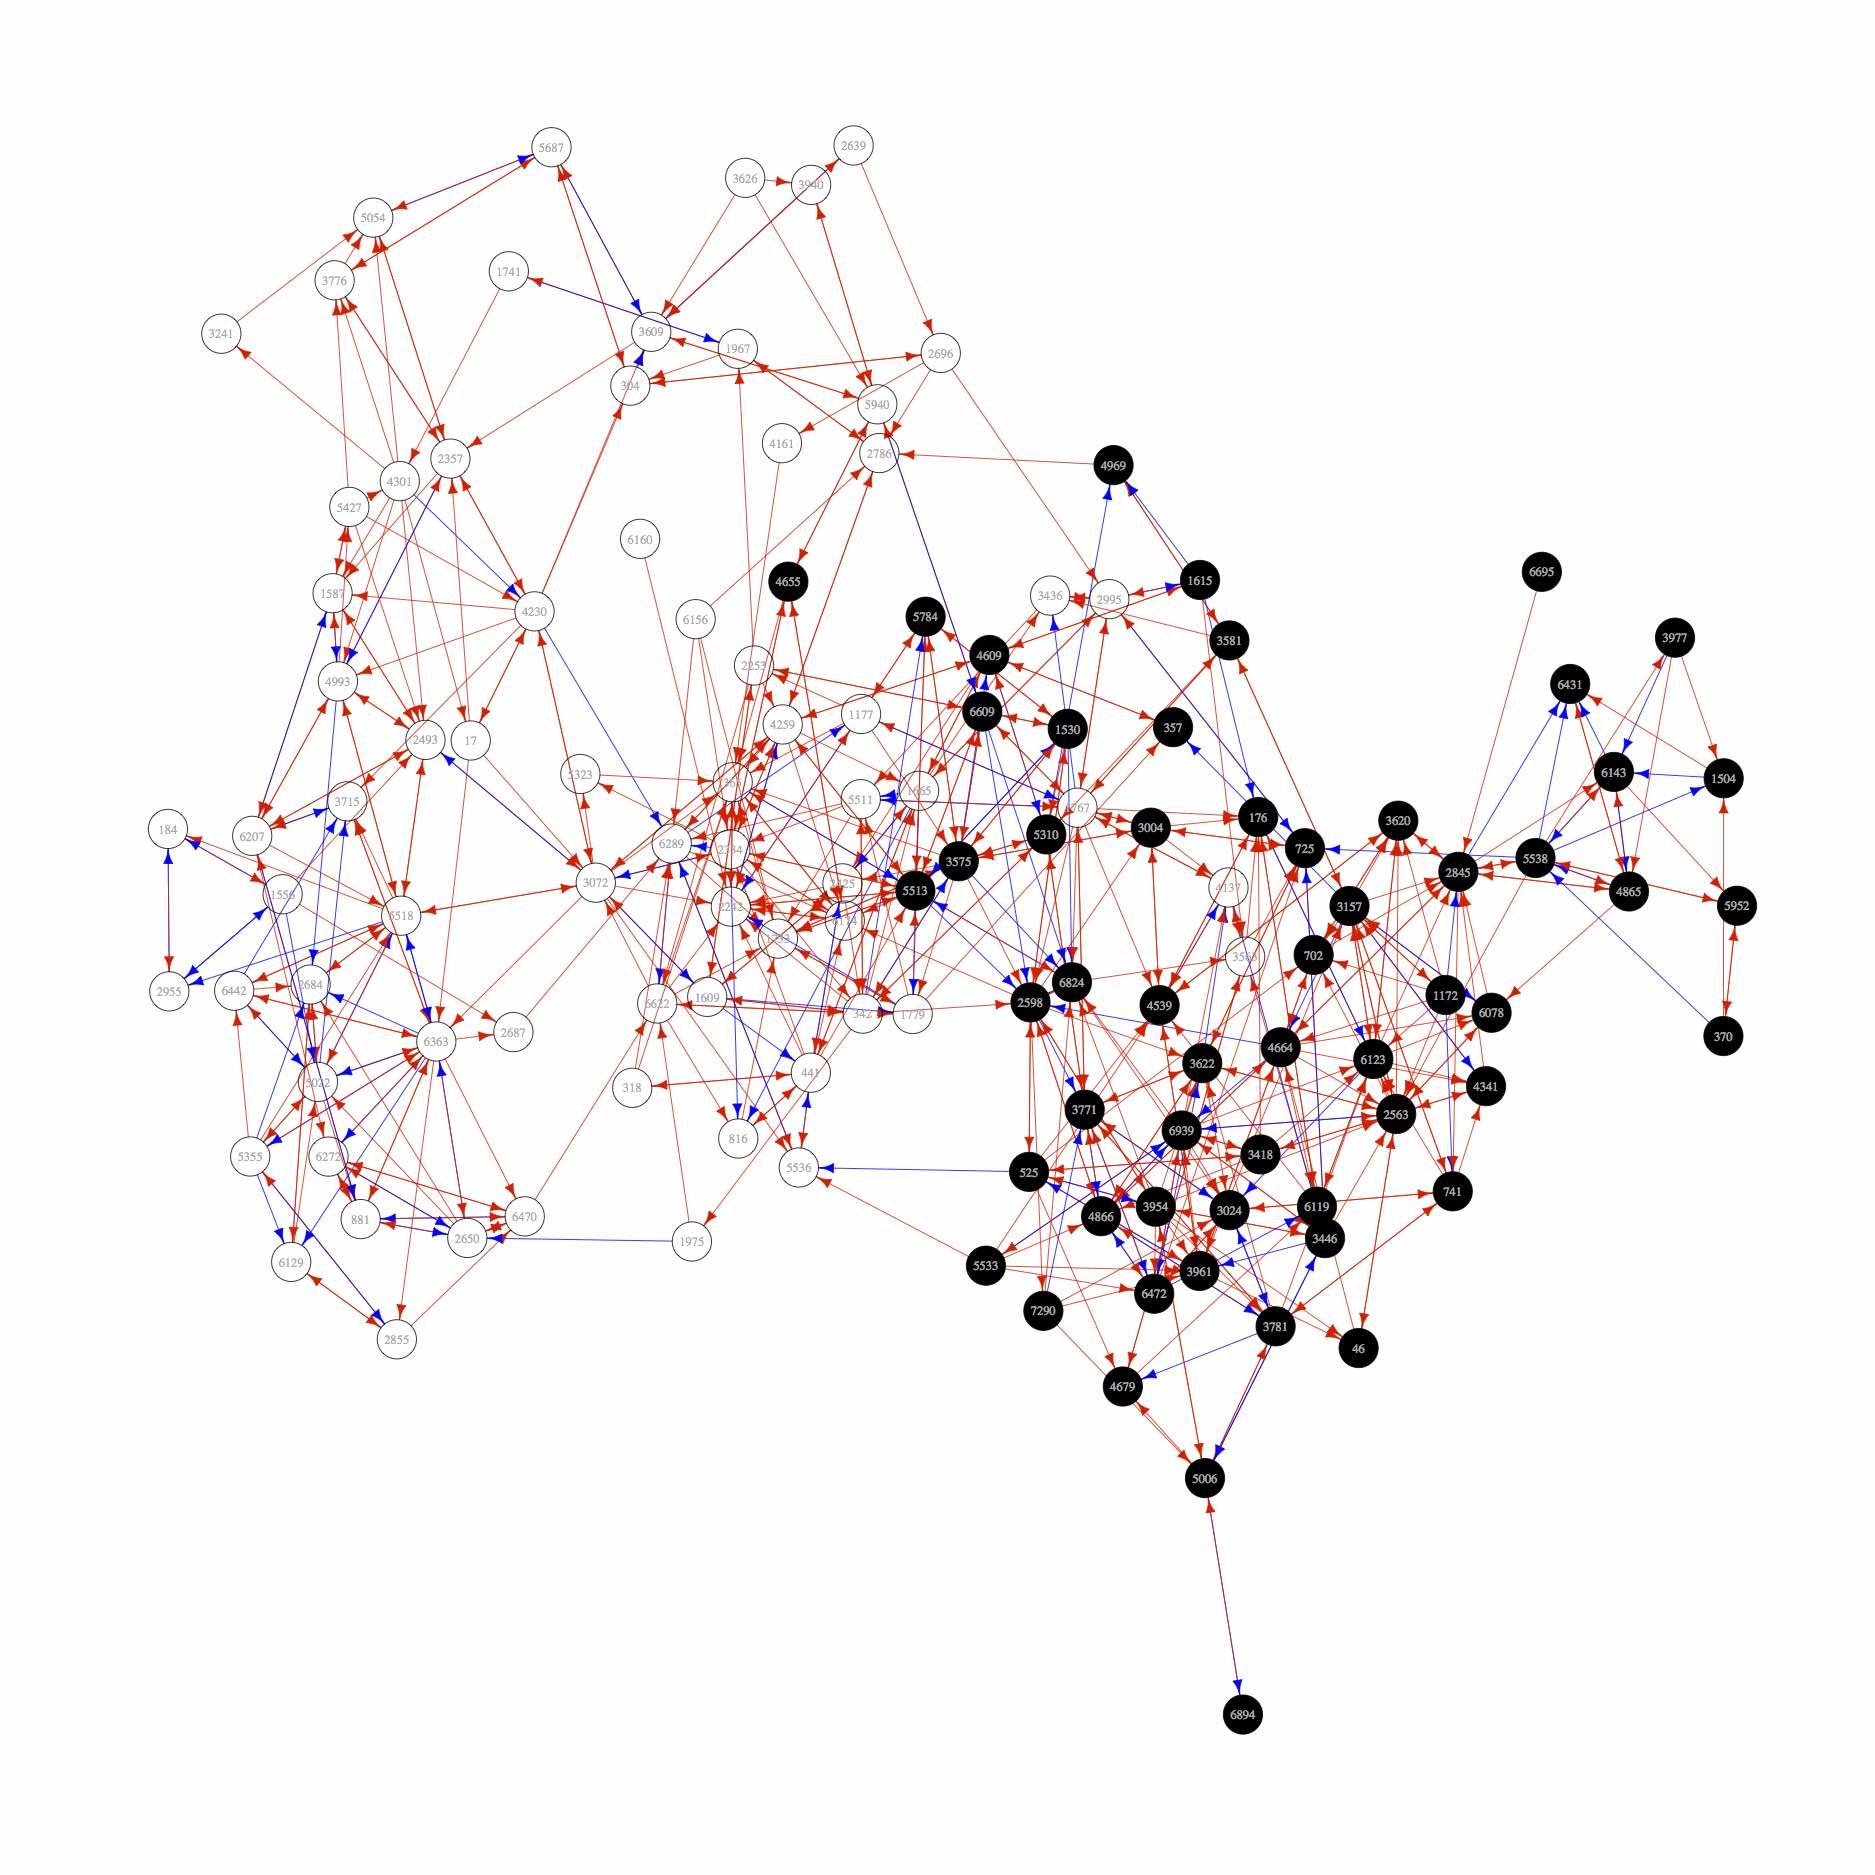 360° Feedback Network Analysis (Perspective: Peers)